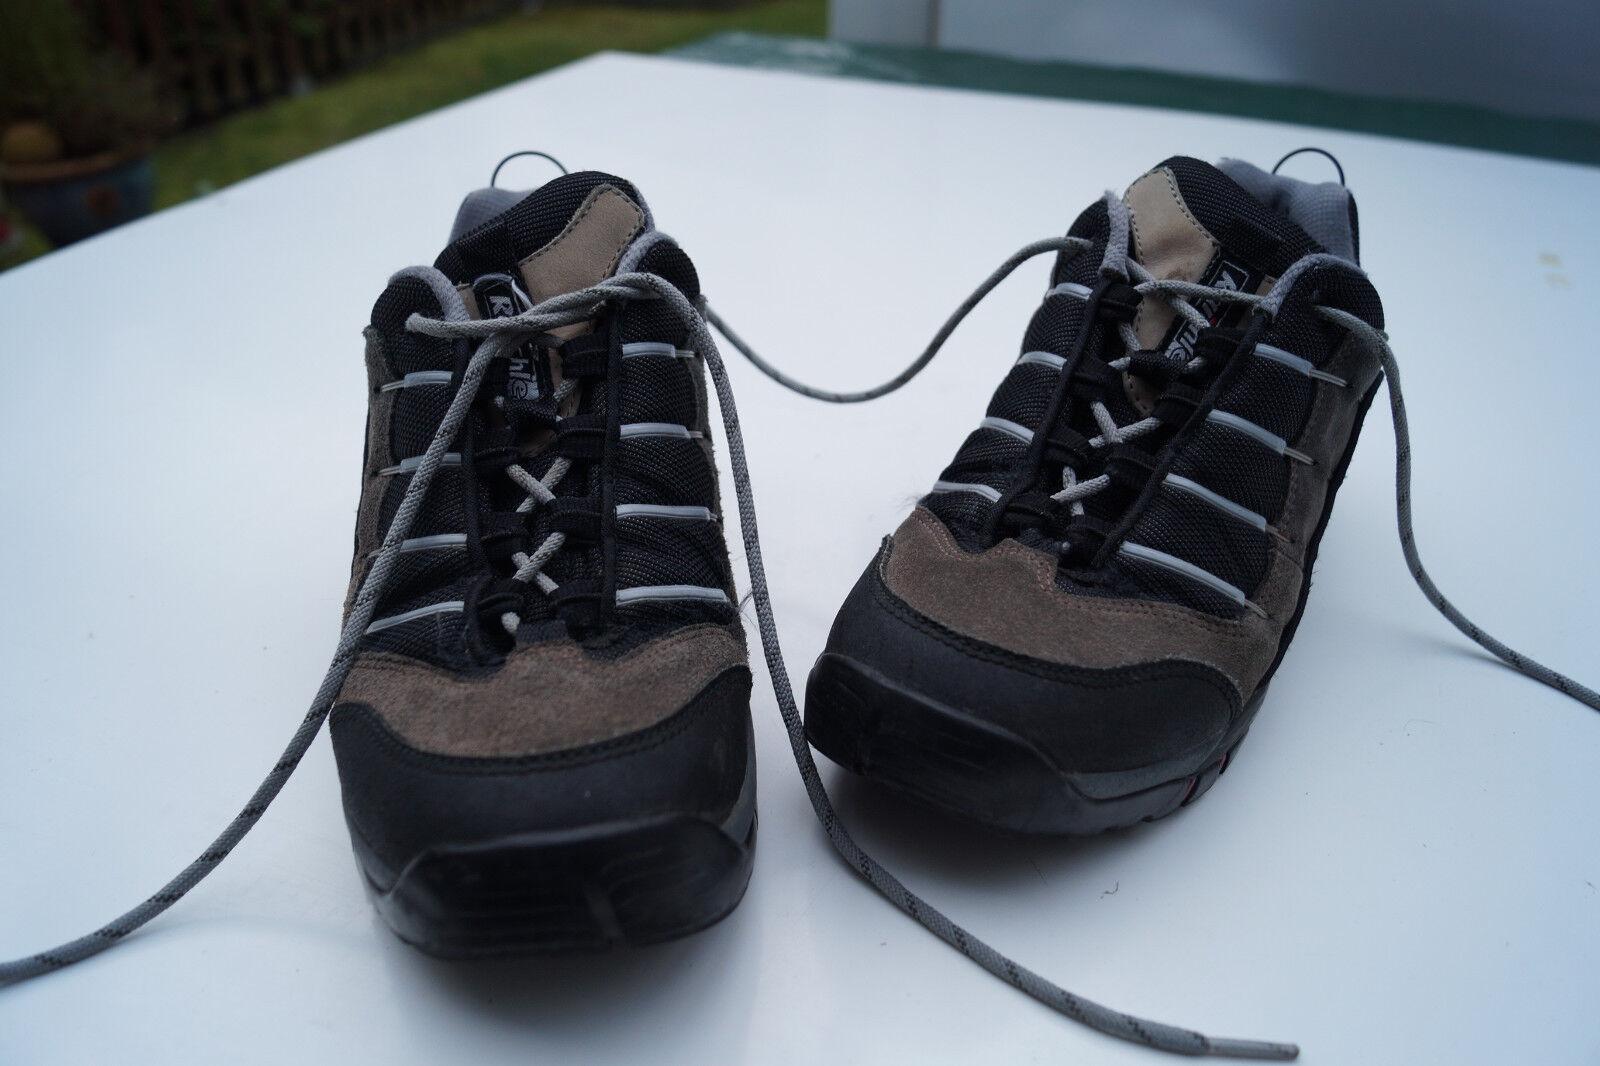 Raichle phoenix ls señores Al aire libre senderismo  trekking zapatos Vibram talla 42 cuero  11  sin mínimo